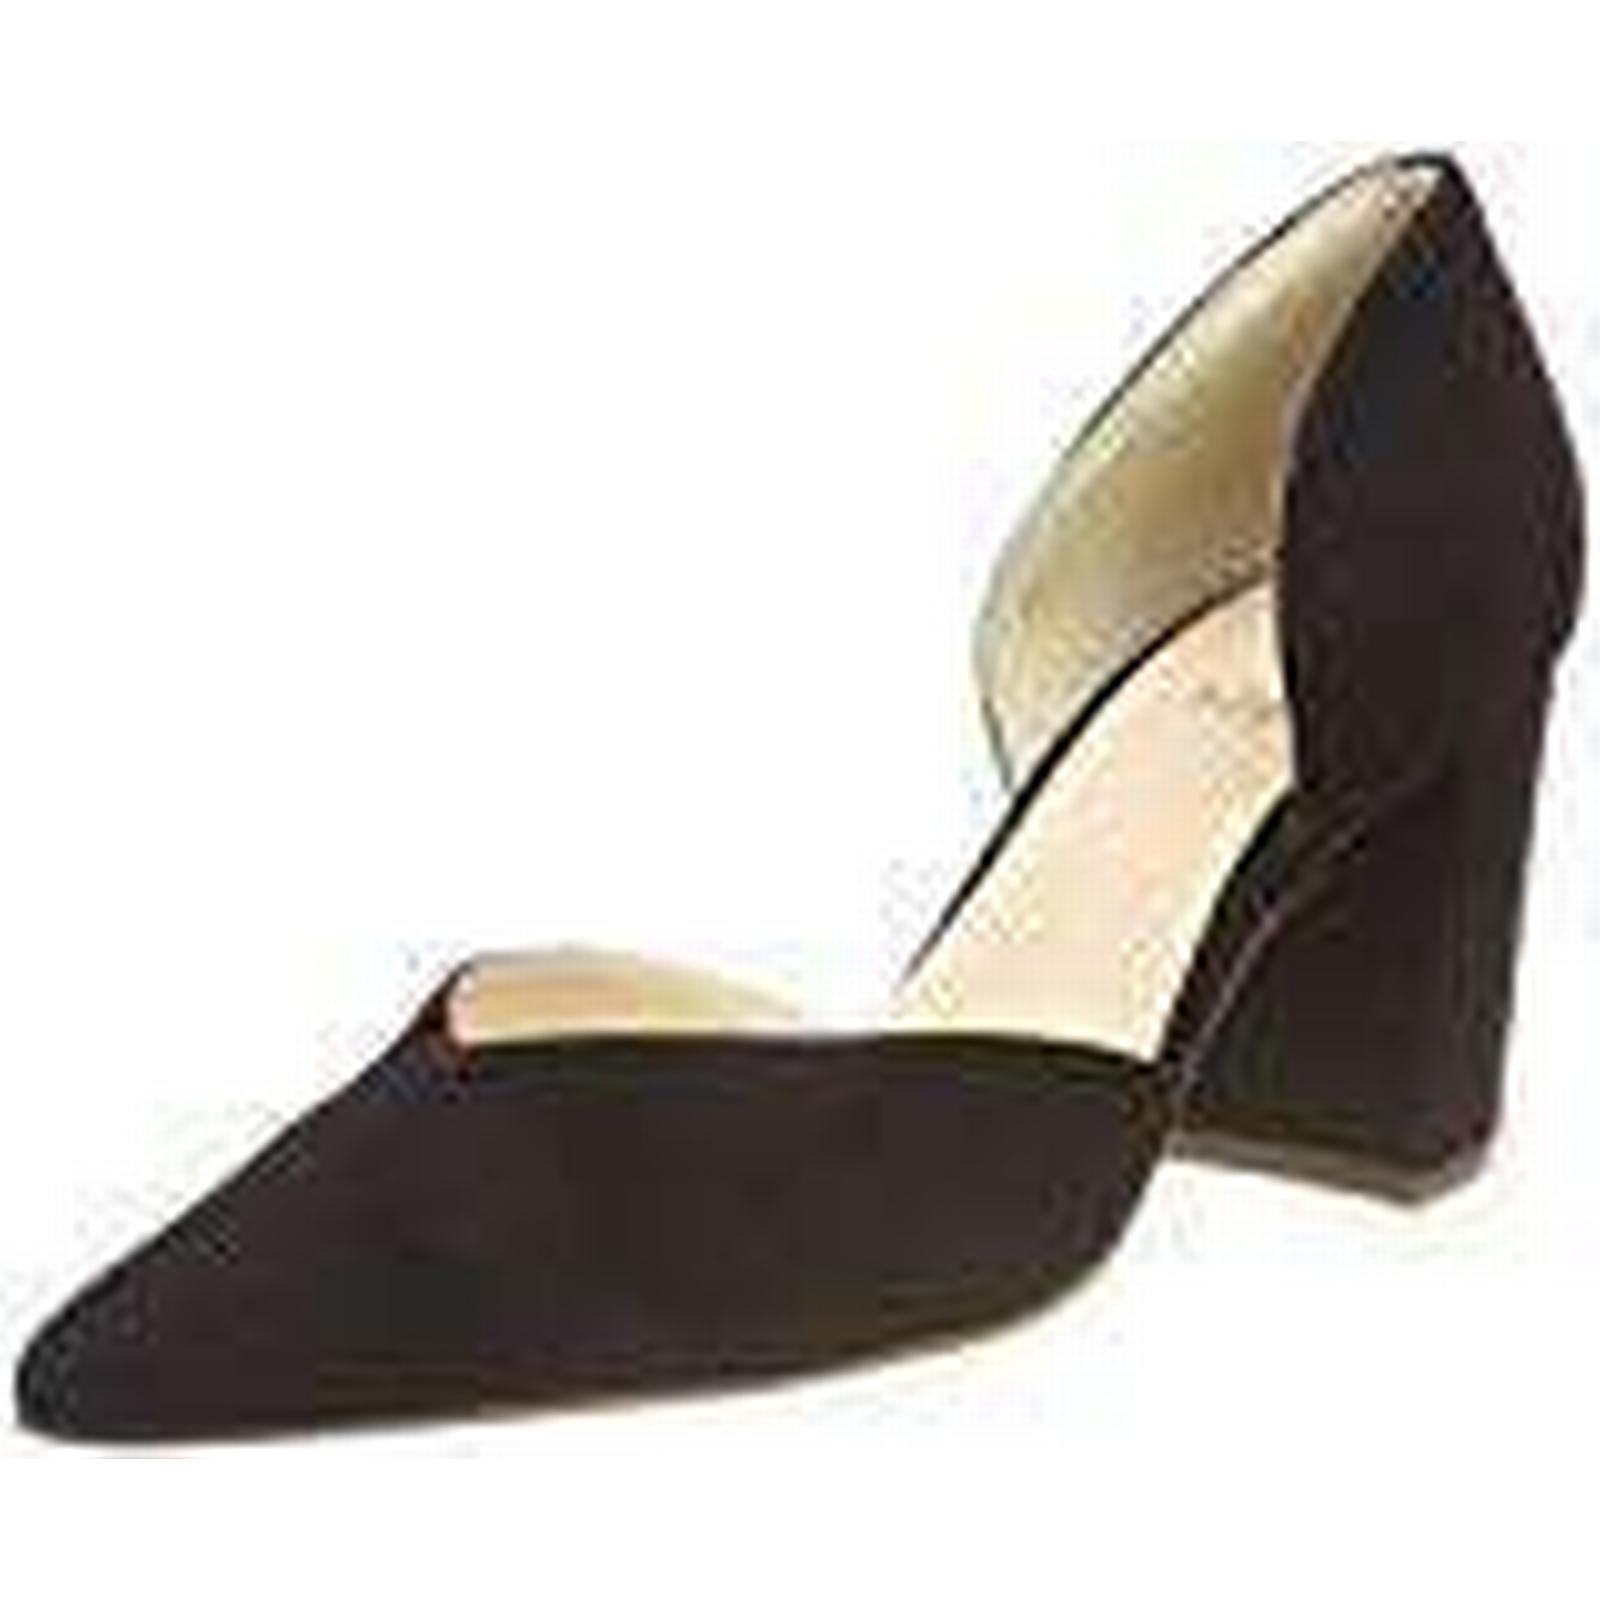 HÖGL Women's 5-10 7512 Closed 0100), Toe Heels, Black (Schwarz 0100), Closed 5 UK 5 UK c43e4b